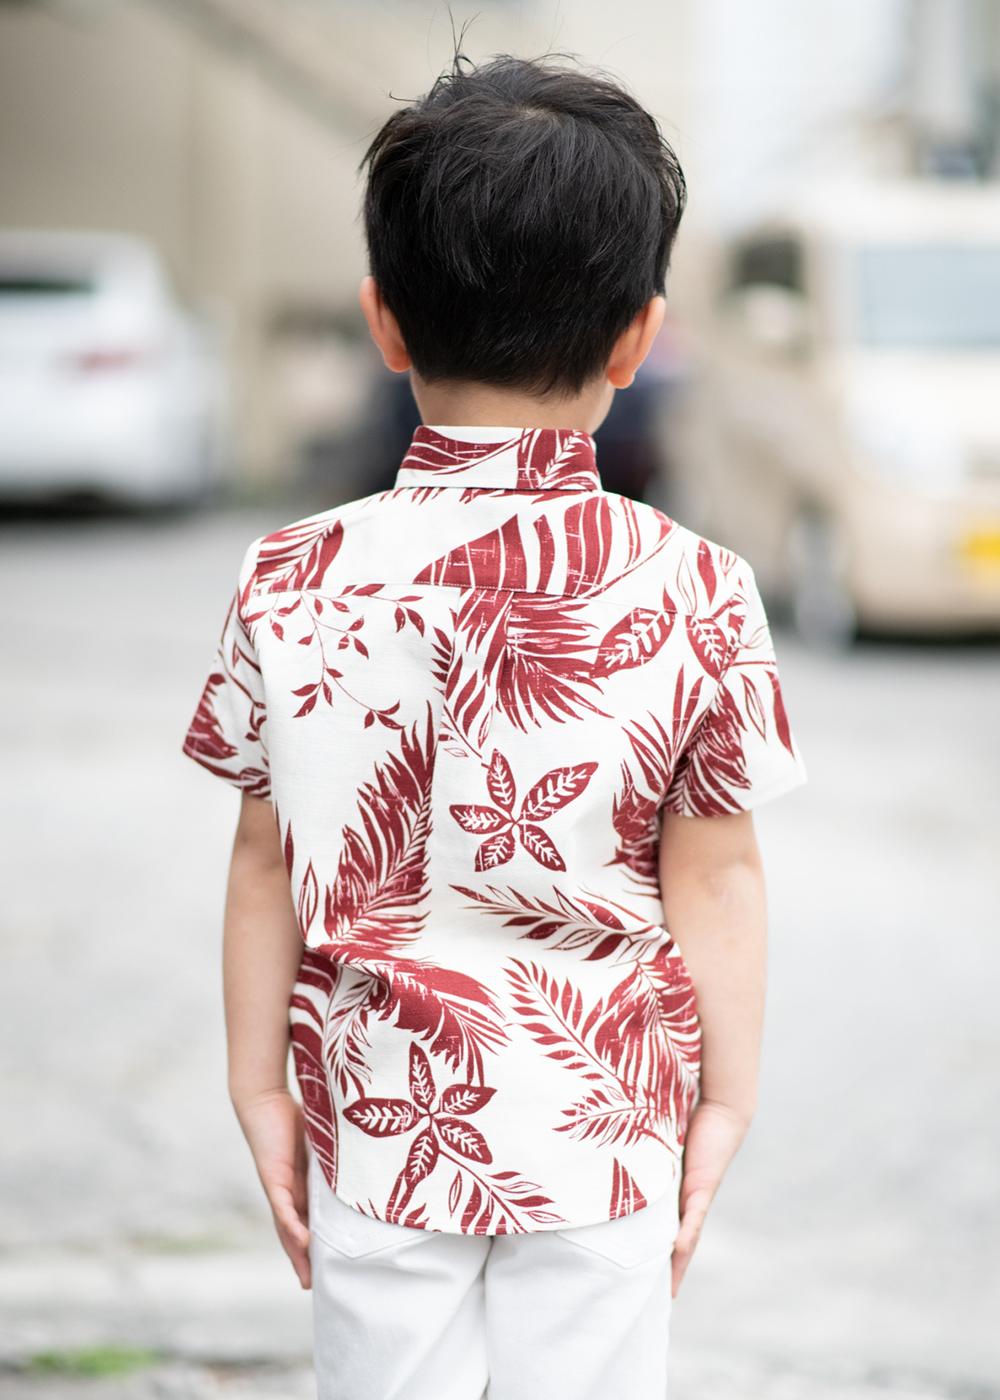 かりゆしウェア(沖縄版アロハシャツ) MAJUN - リーフクインテット(キッズシャツ)